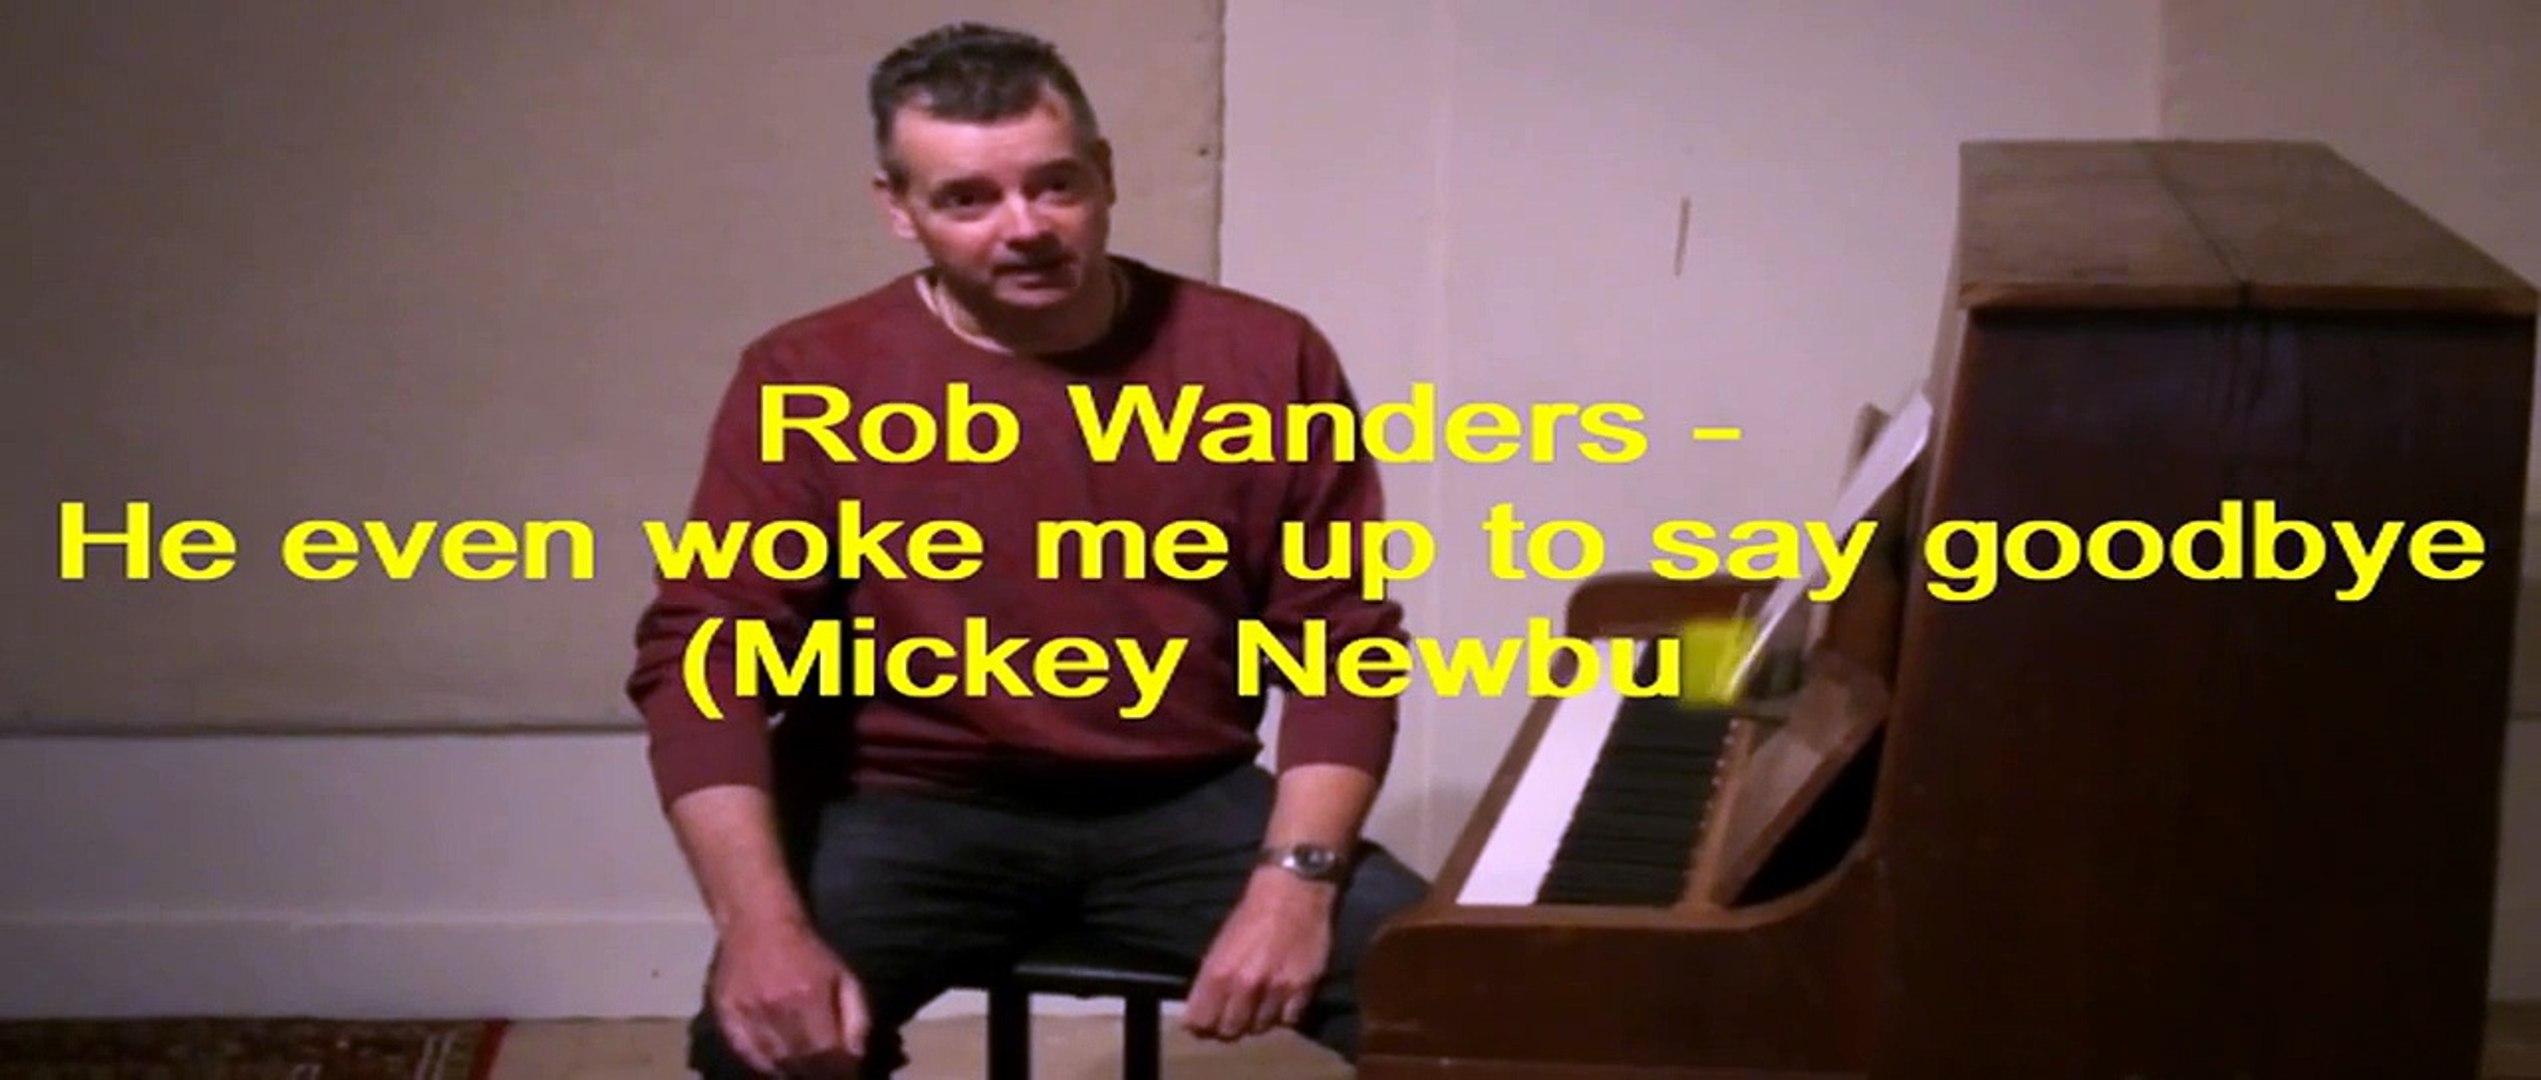 Rob Woke Goodbyemickey Even Newbury To Me Wanders He Up Say oCxBderW